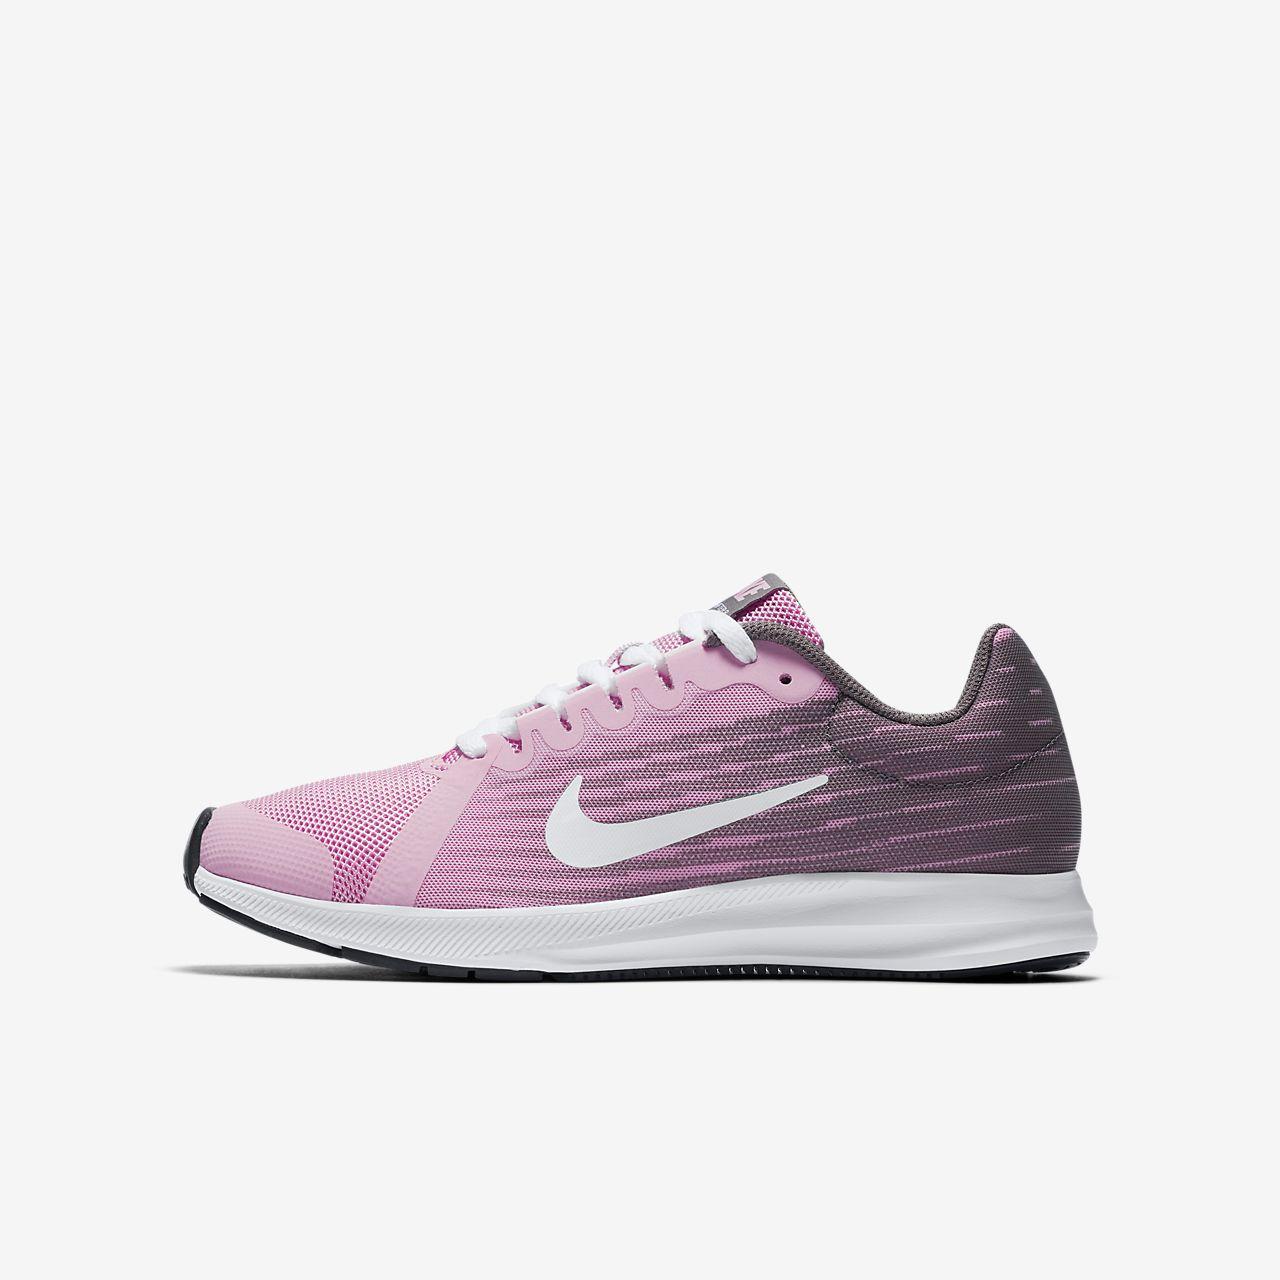 new arrival f18a3 eb7a1 ... Chaussure de running Nike Downshifter 8 pour Enfant plus âgé